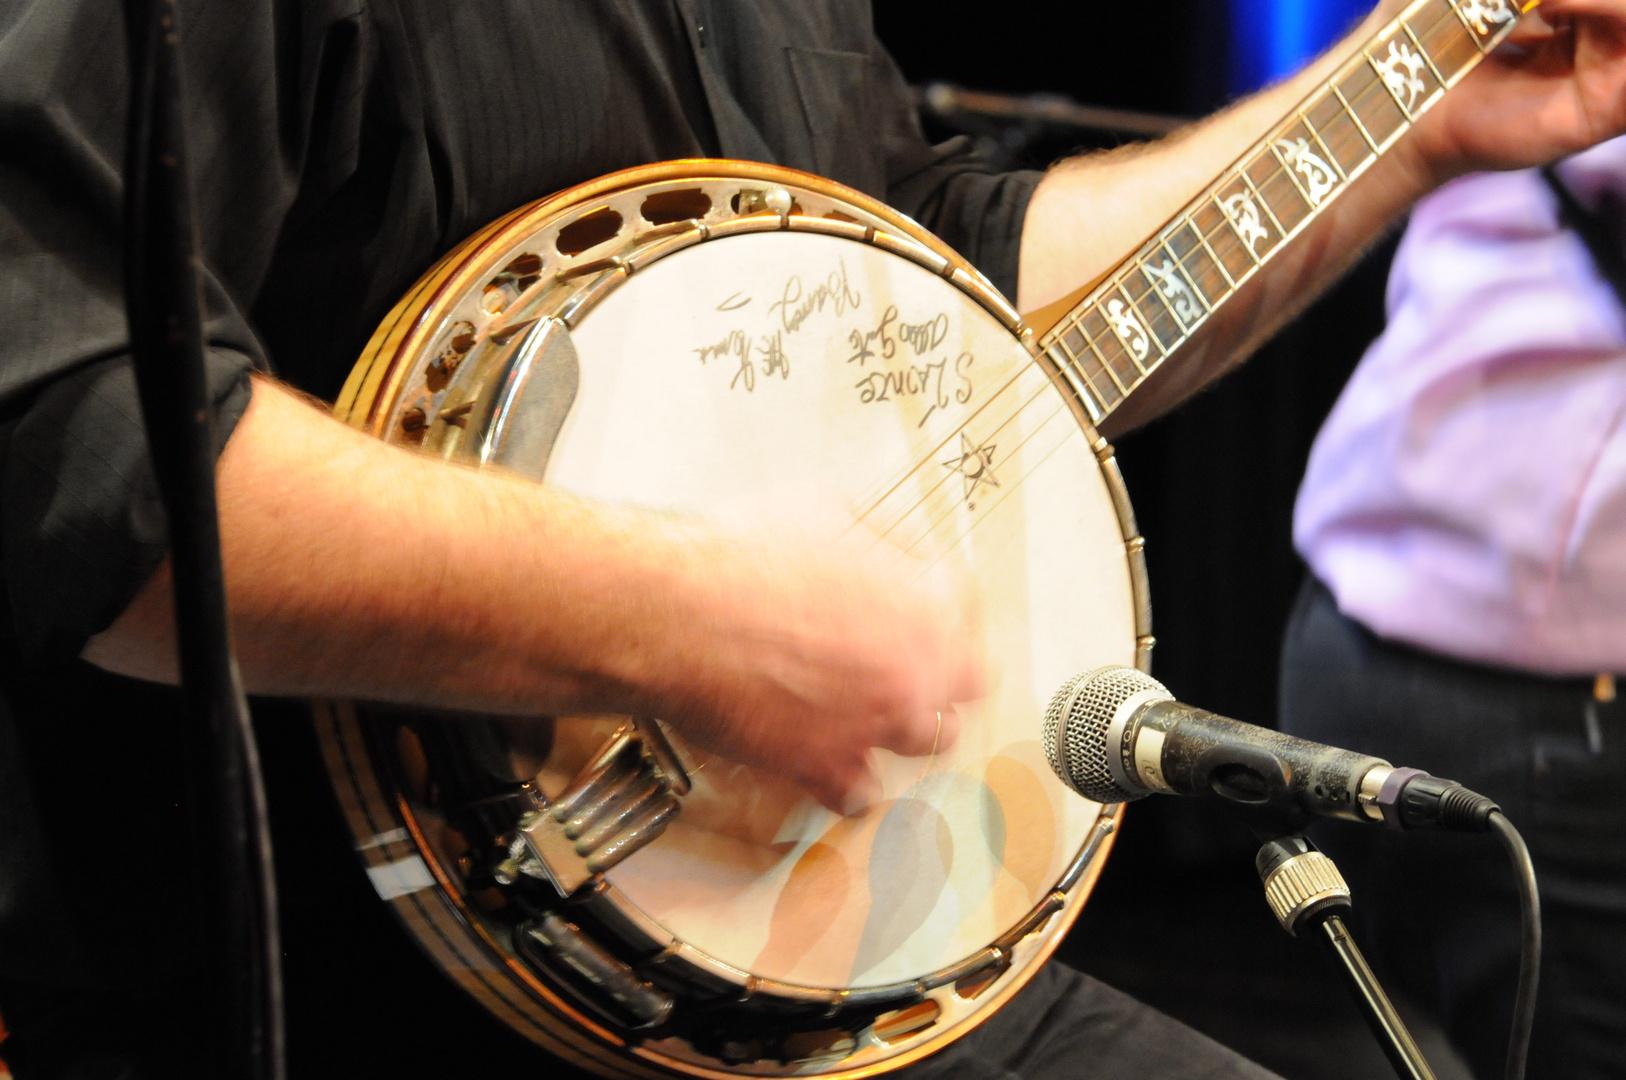 Signed Stoke's Banjo